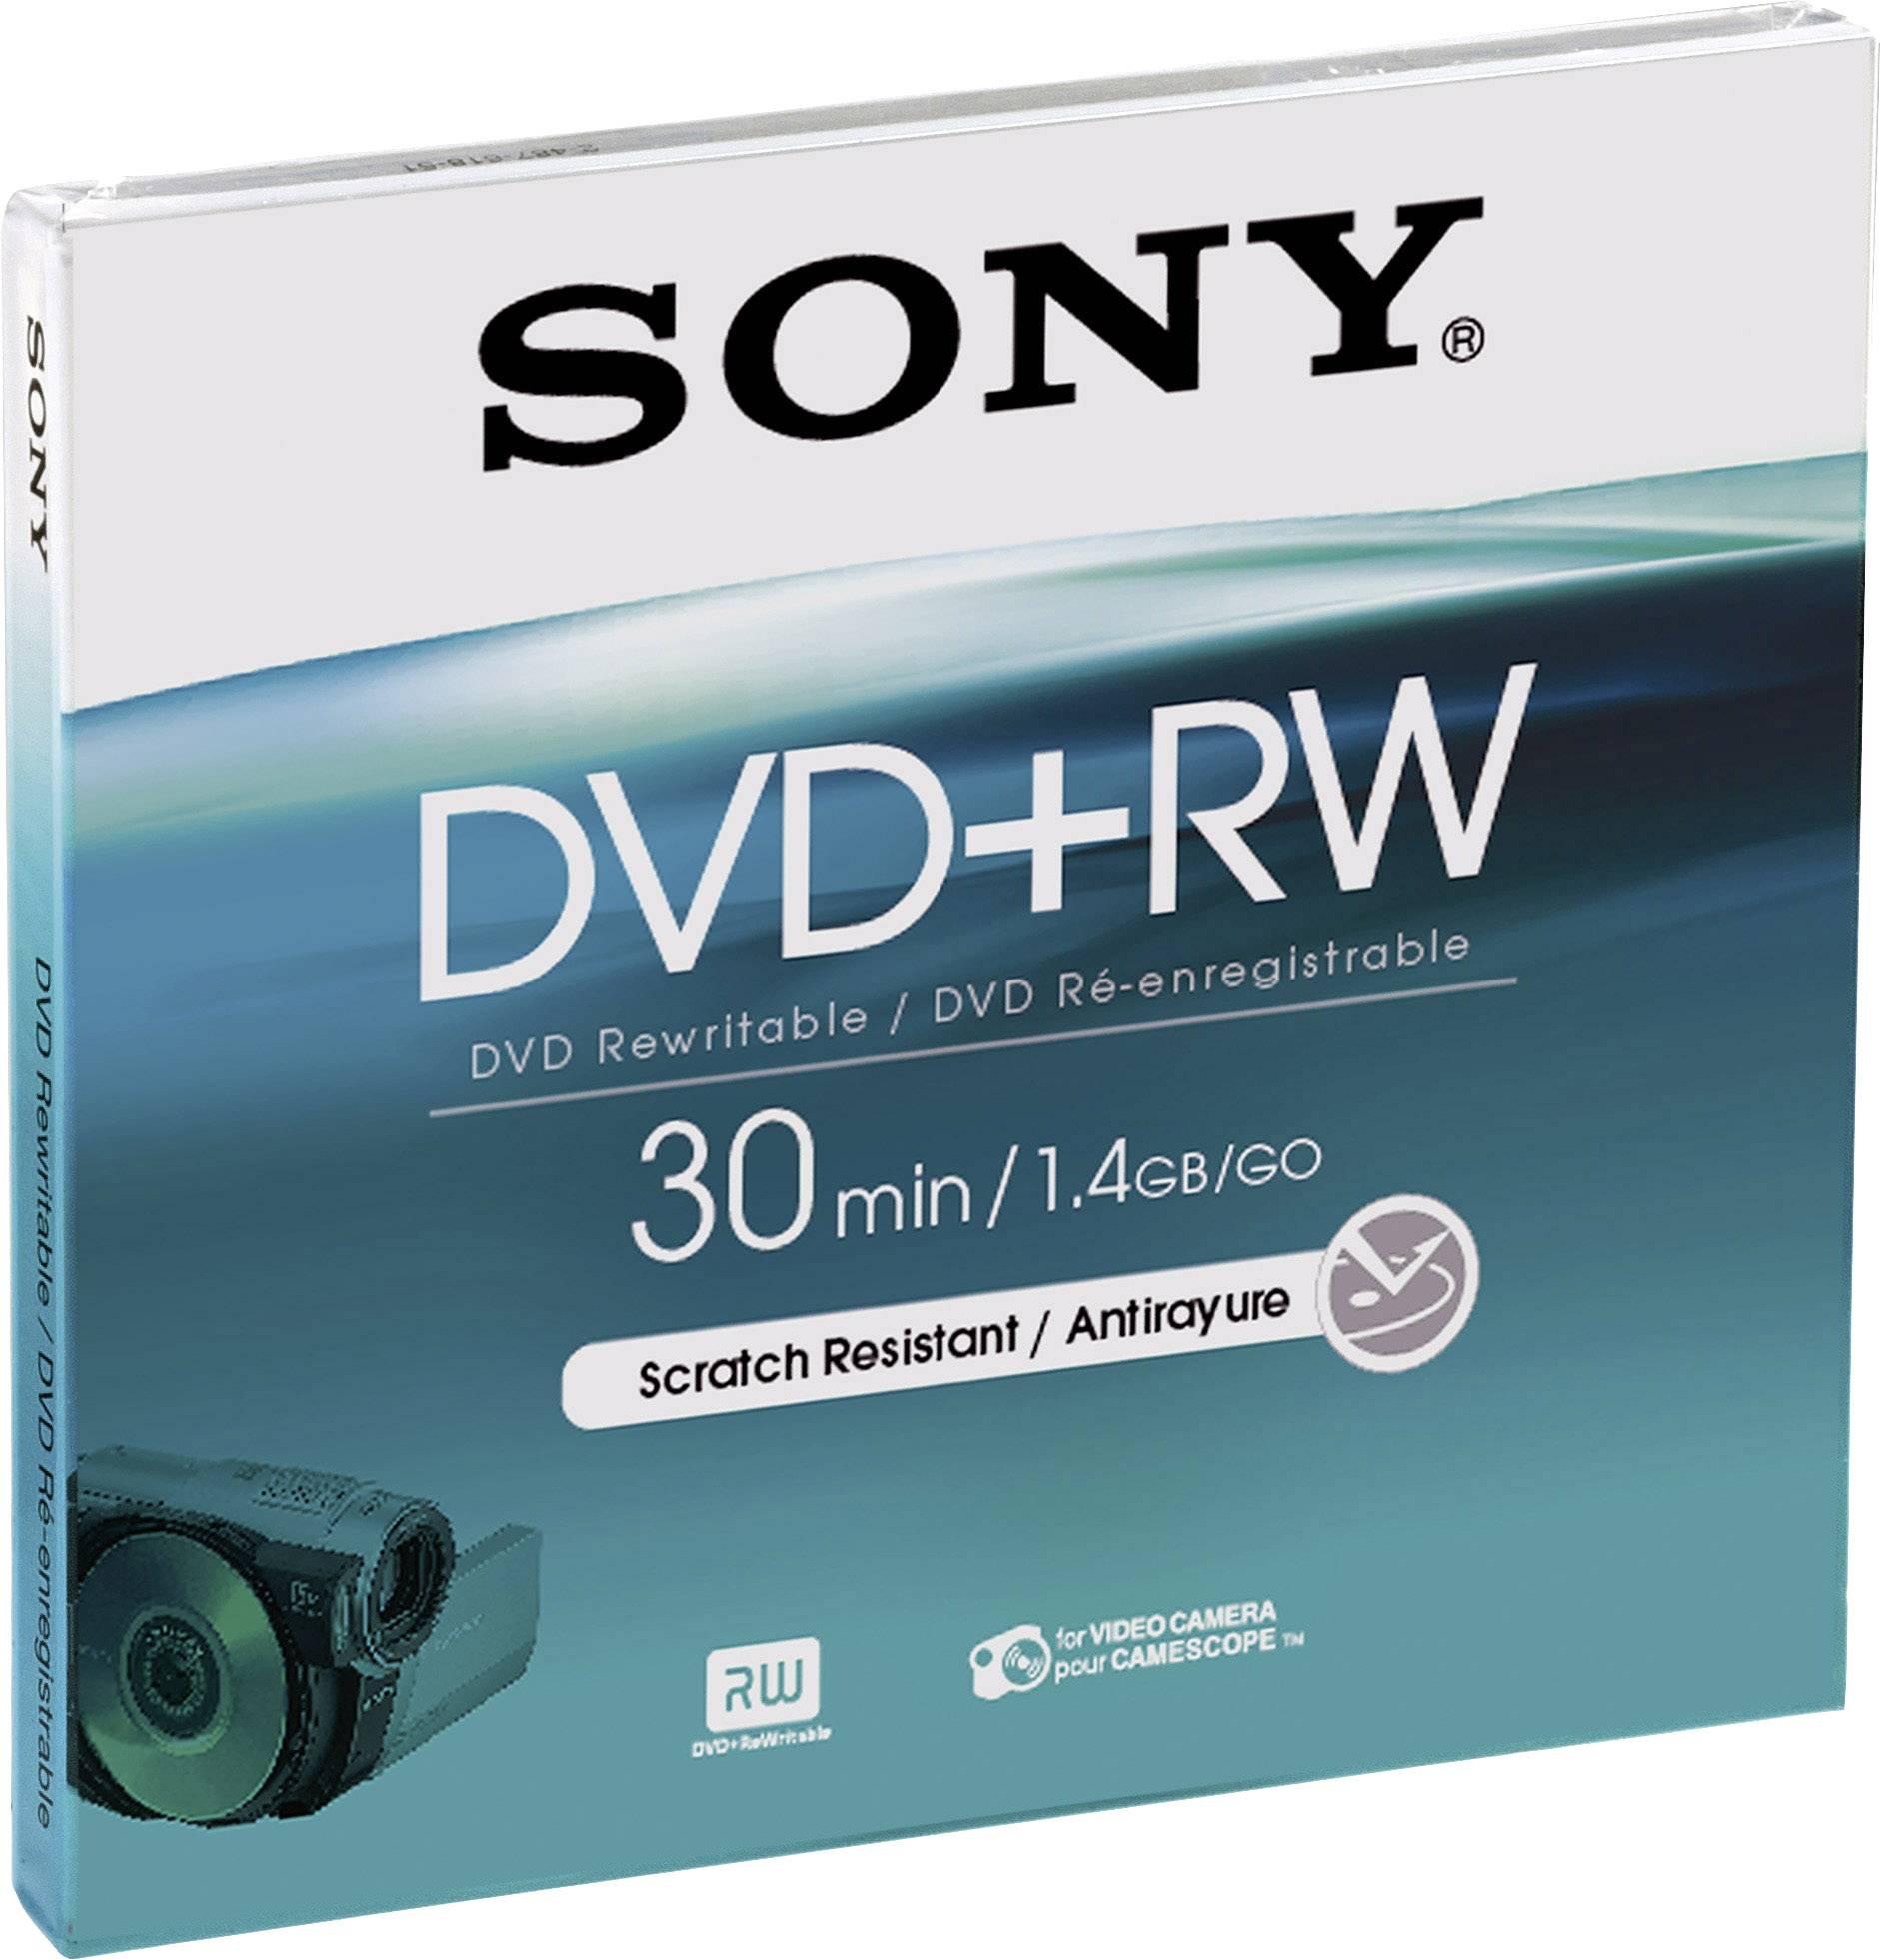 Mini DVD+RW - 8 cm 1.46 GB Sony DPW30A, přepisovatelné, 5 ks, Jewelcase